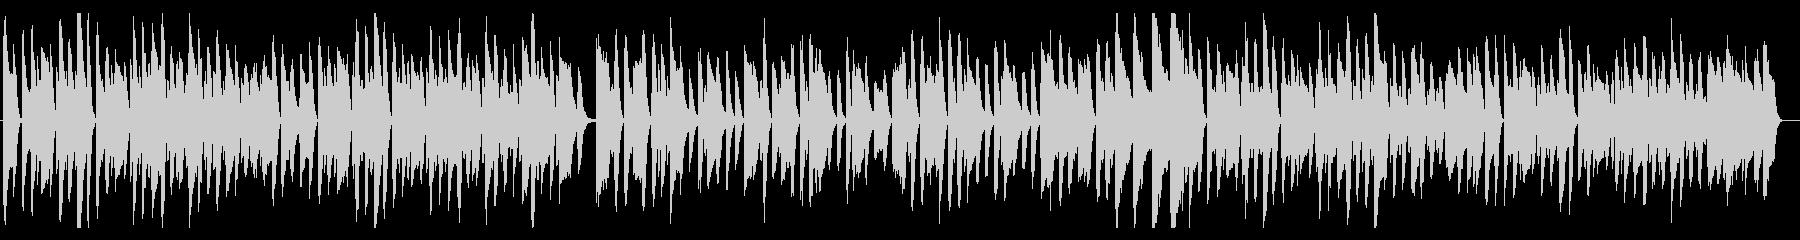 ほのぼのした日常が浮かぶハネたピアノ曲の未再生の波形